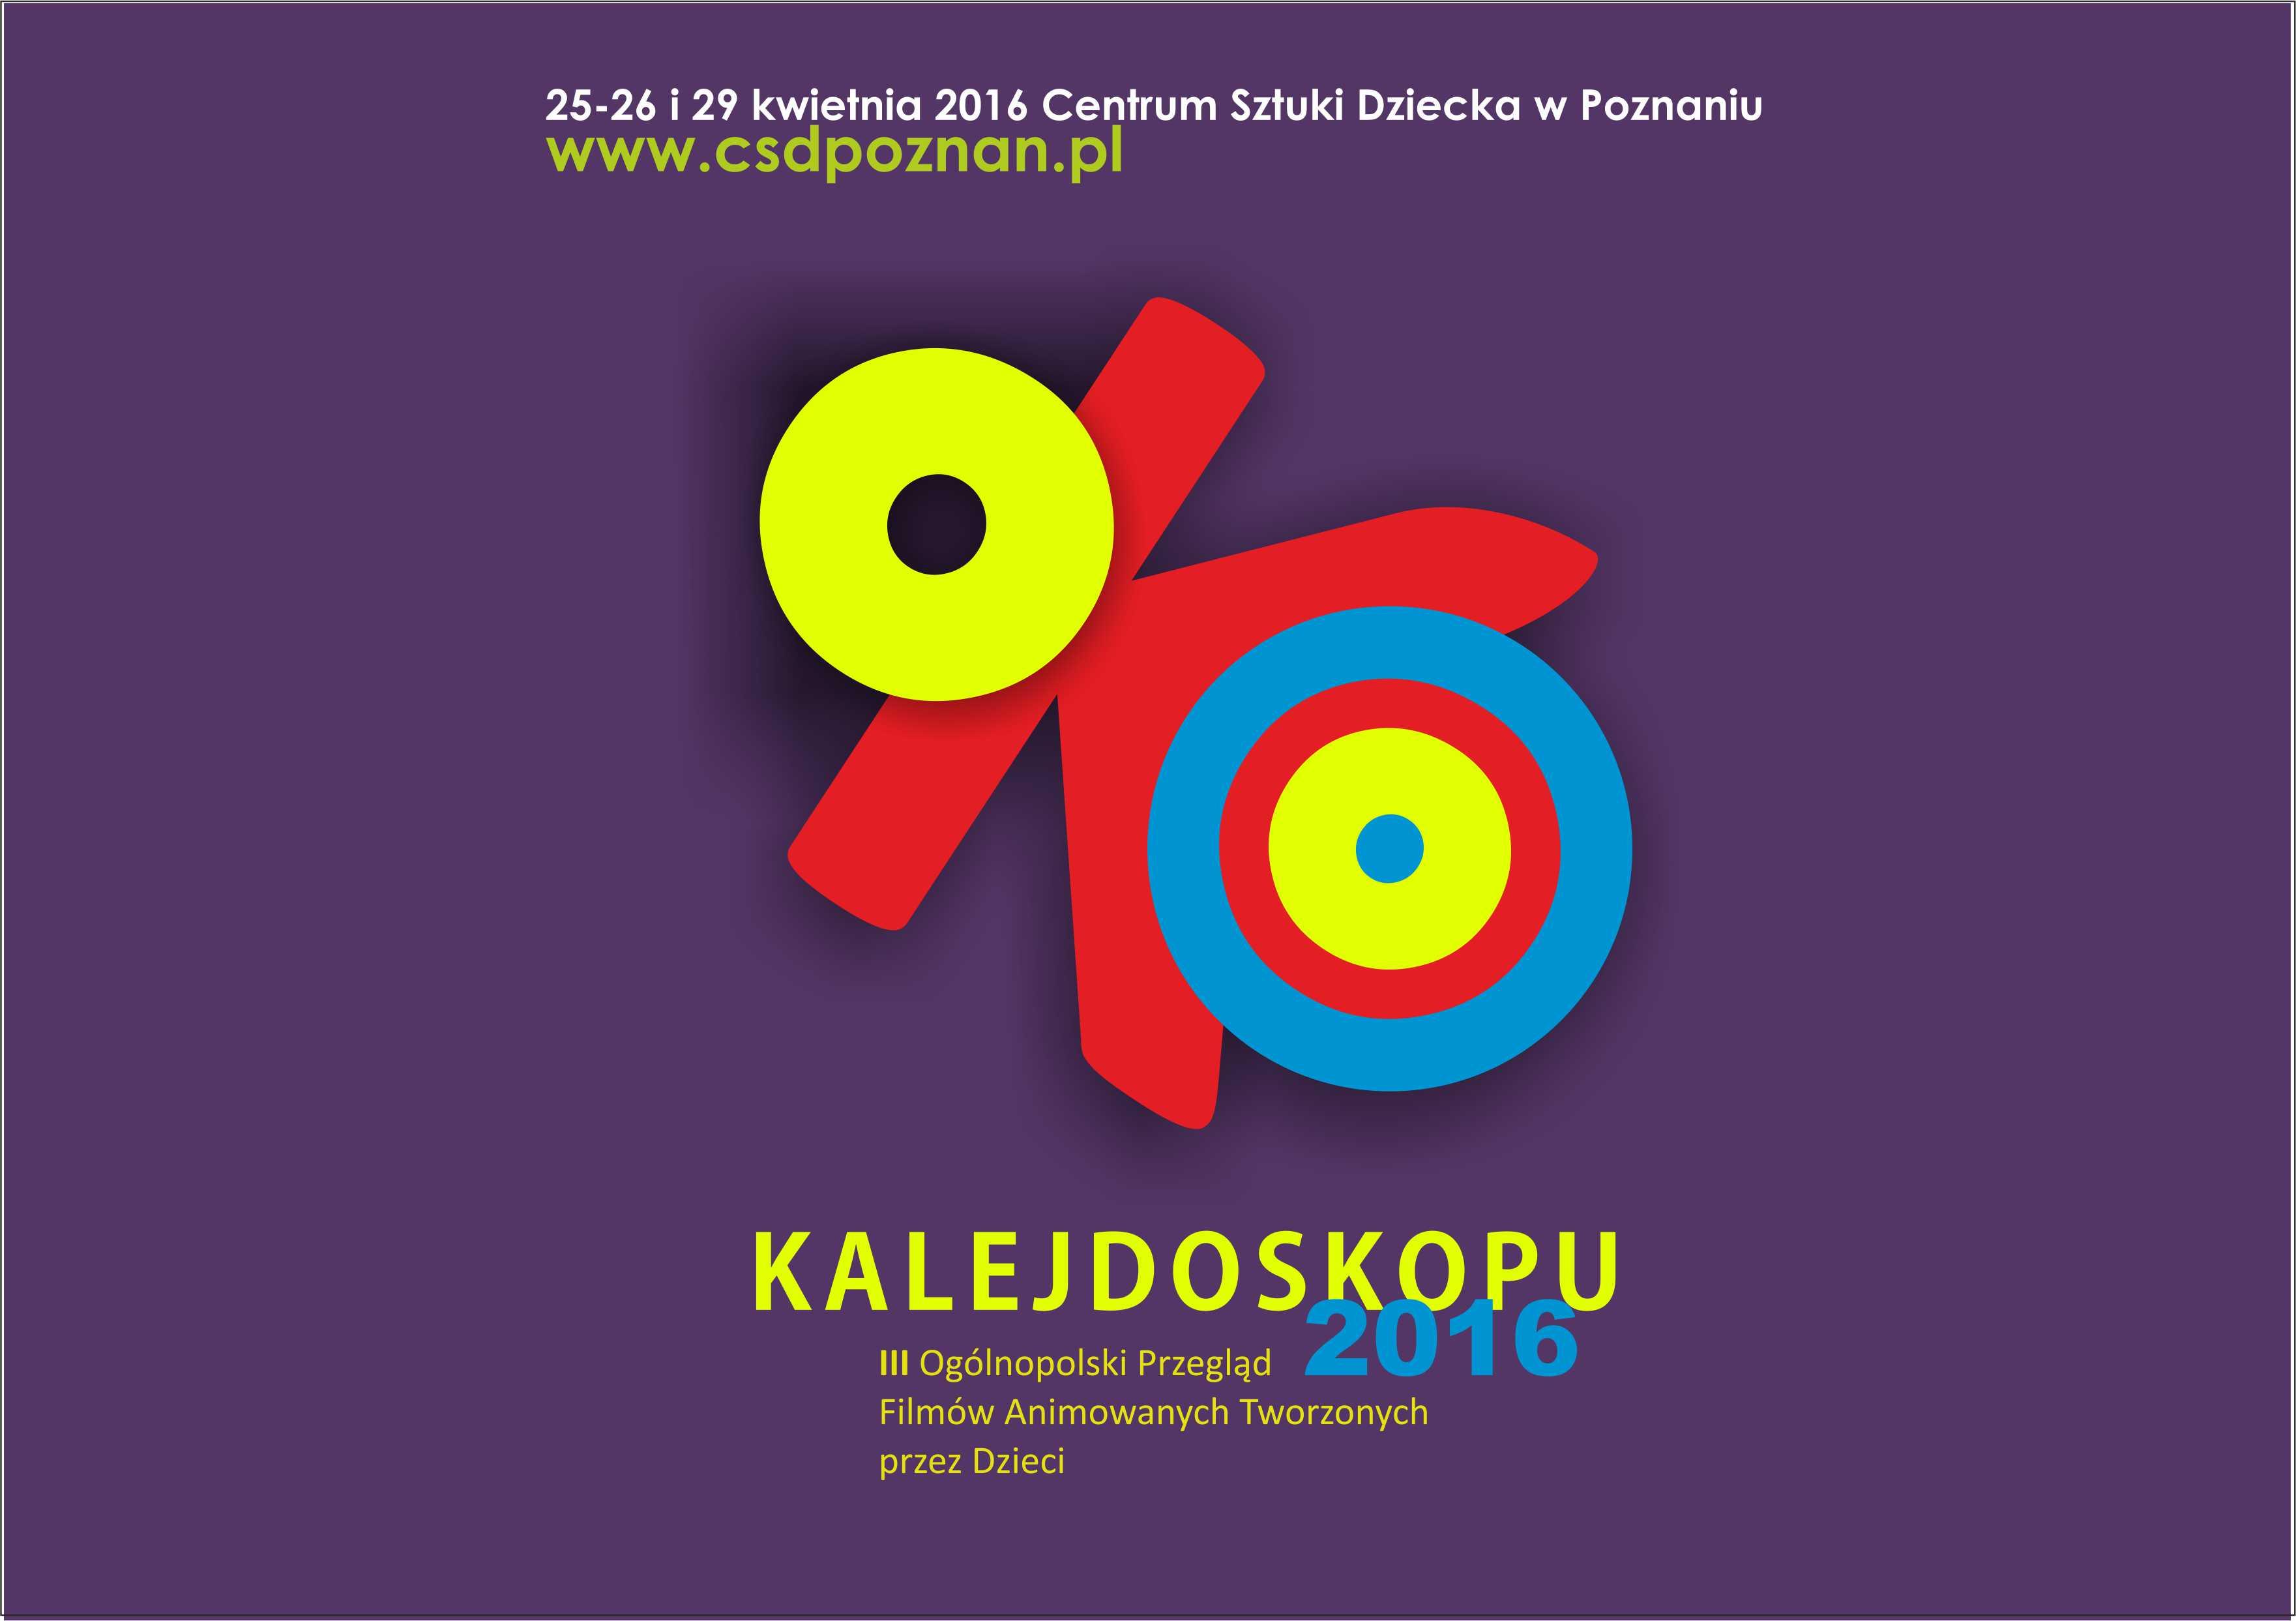 III Ogólnopolskiego Przeglądu Filmów Animowanych Tworzonych przez Dzieci Oko Kalejdoskopu